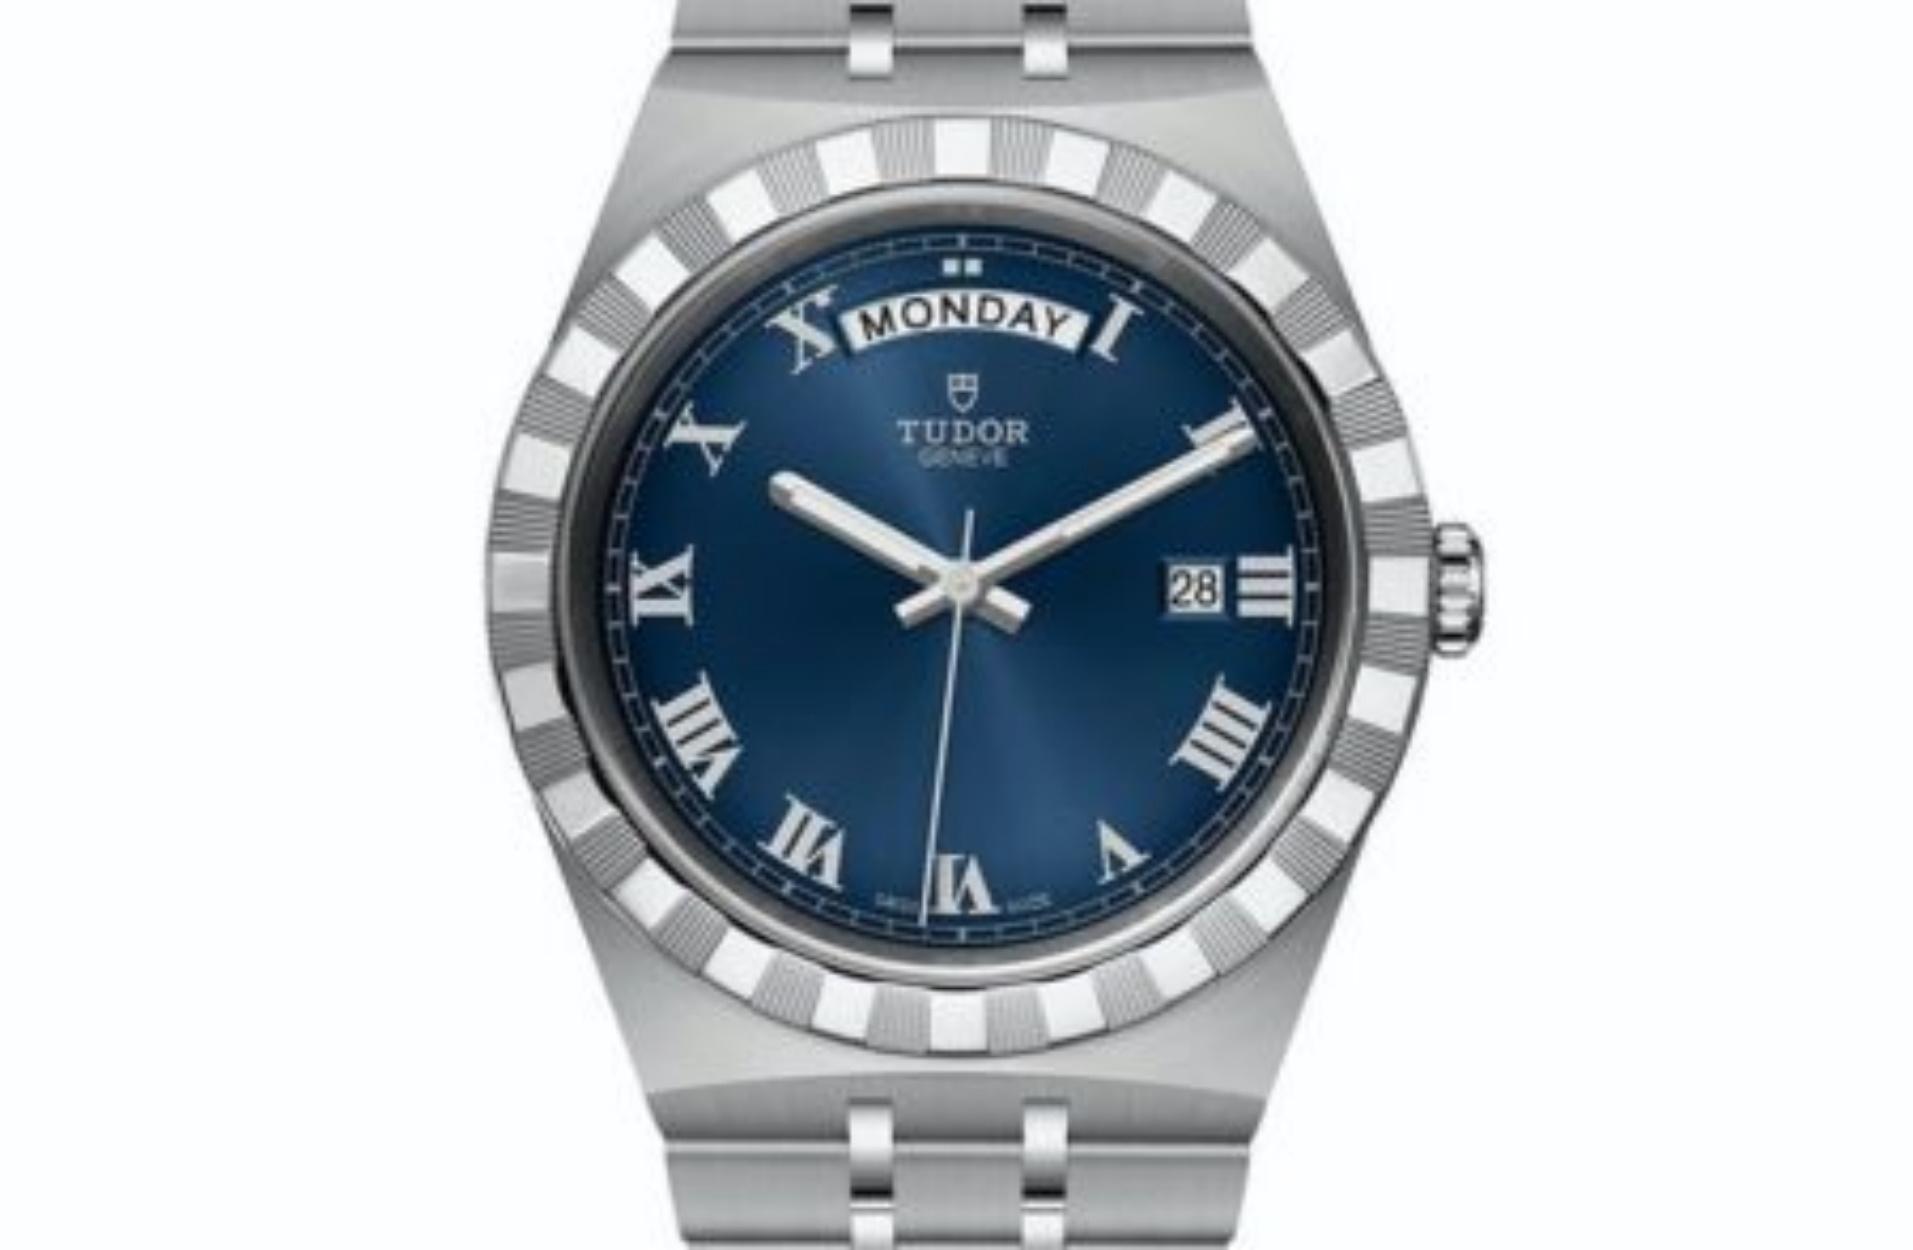 Η προσιτή εναλλακτική πρόταση της Tudor για τα μοντέλα Day-Date και Datejust της Rolex